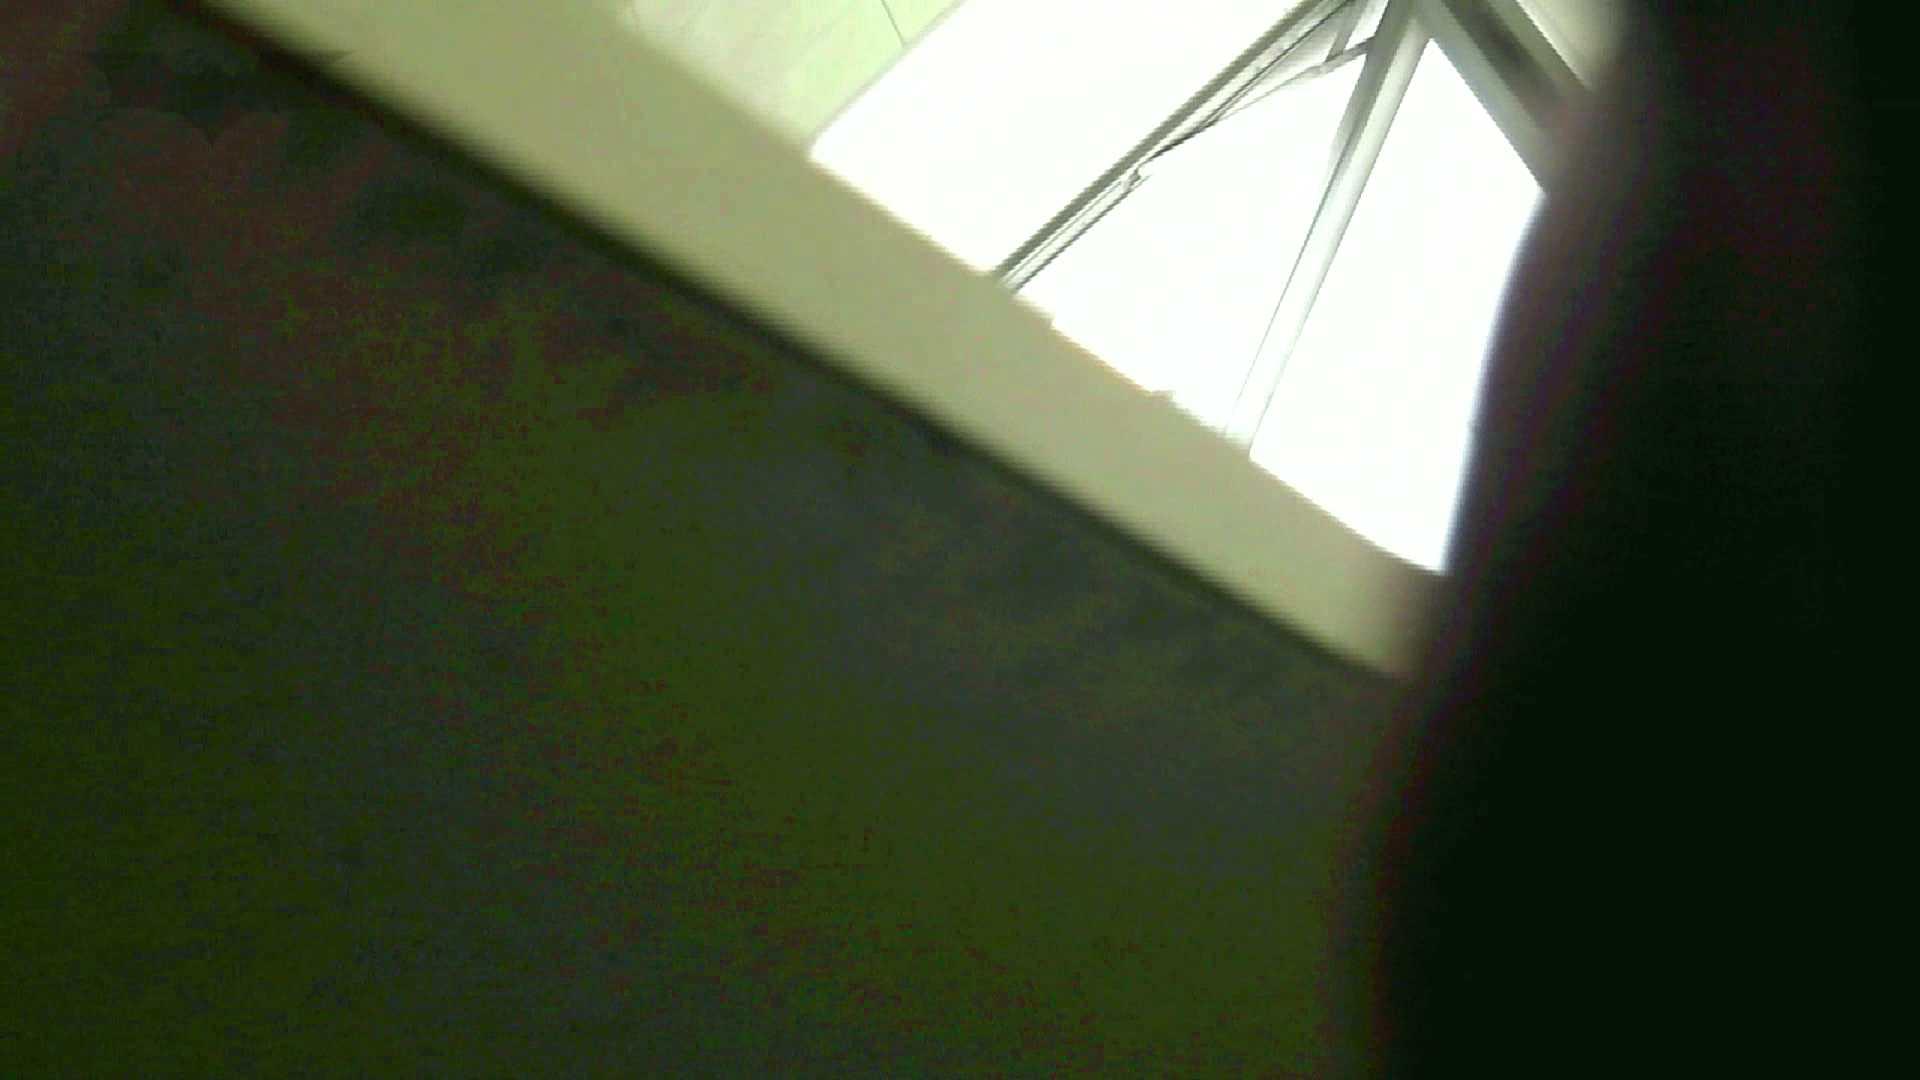 ステーション編 vol.29 頭二つ飛び出る180cm長身モデル 洗面所シーン  94画像 85